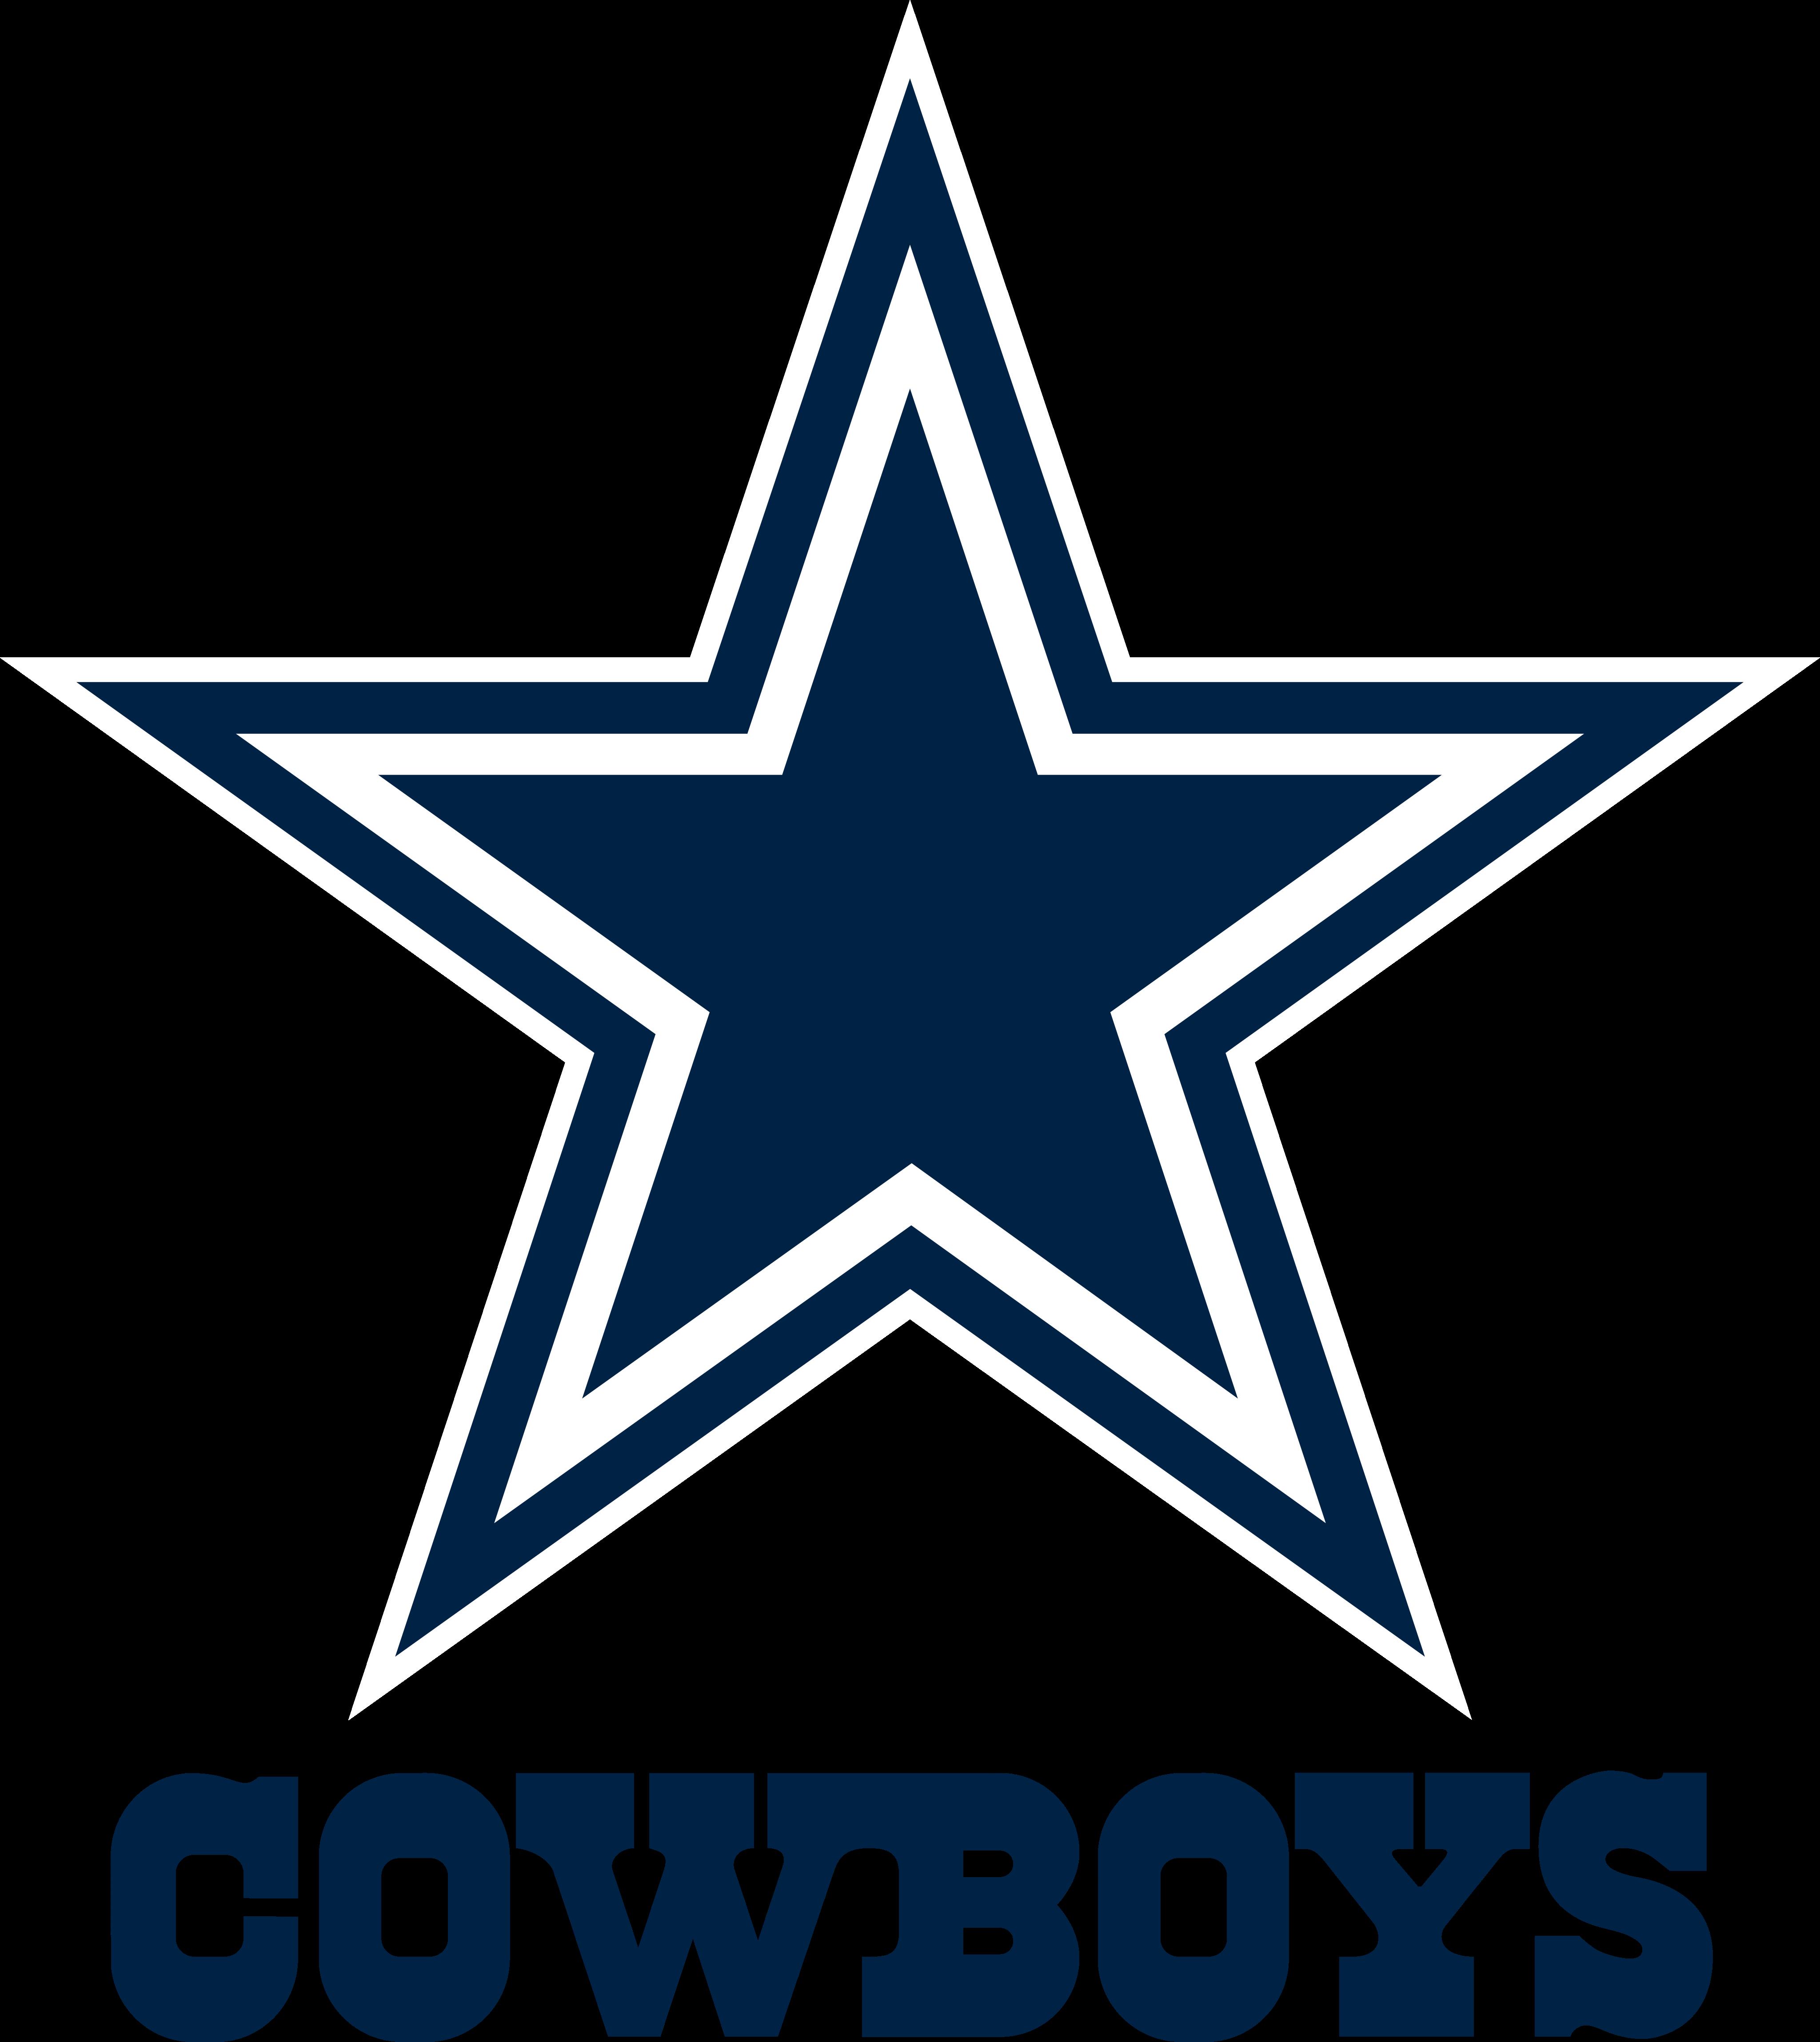 dallas cowboys logo - Dallas Cowboys Logo